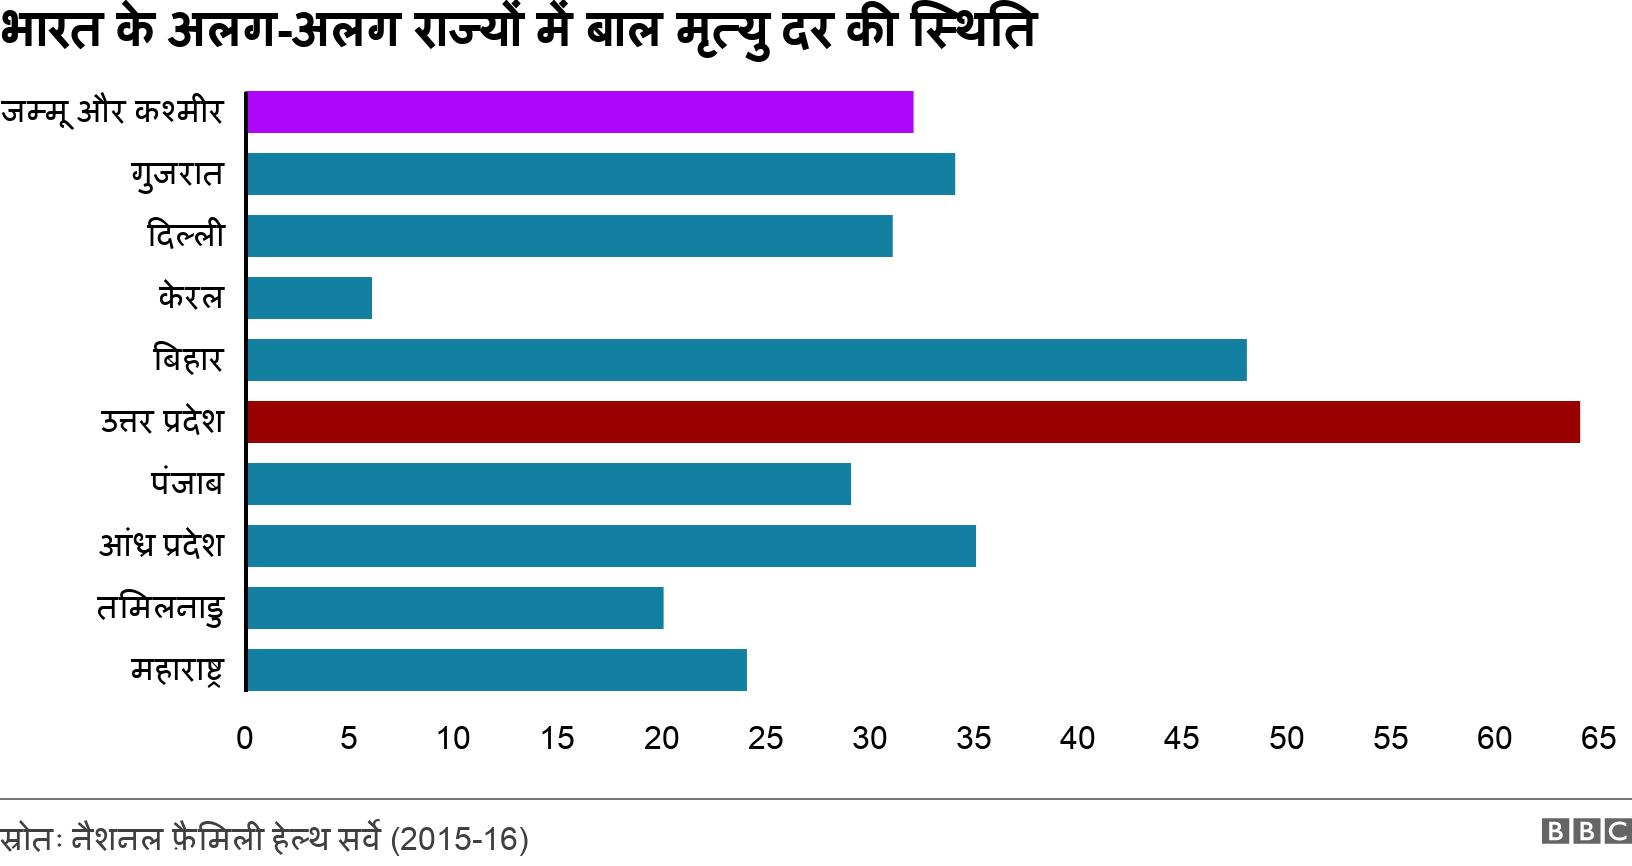 भारत के अलग-अलग राज्यों में बाल मृत्यु दर की स्थिति. .  .